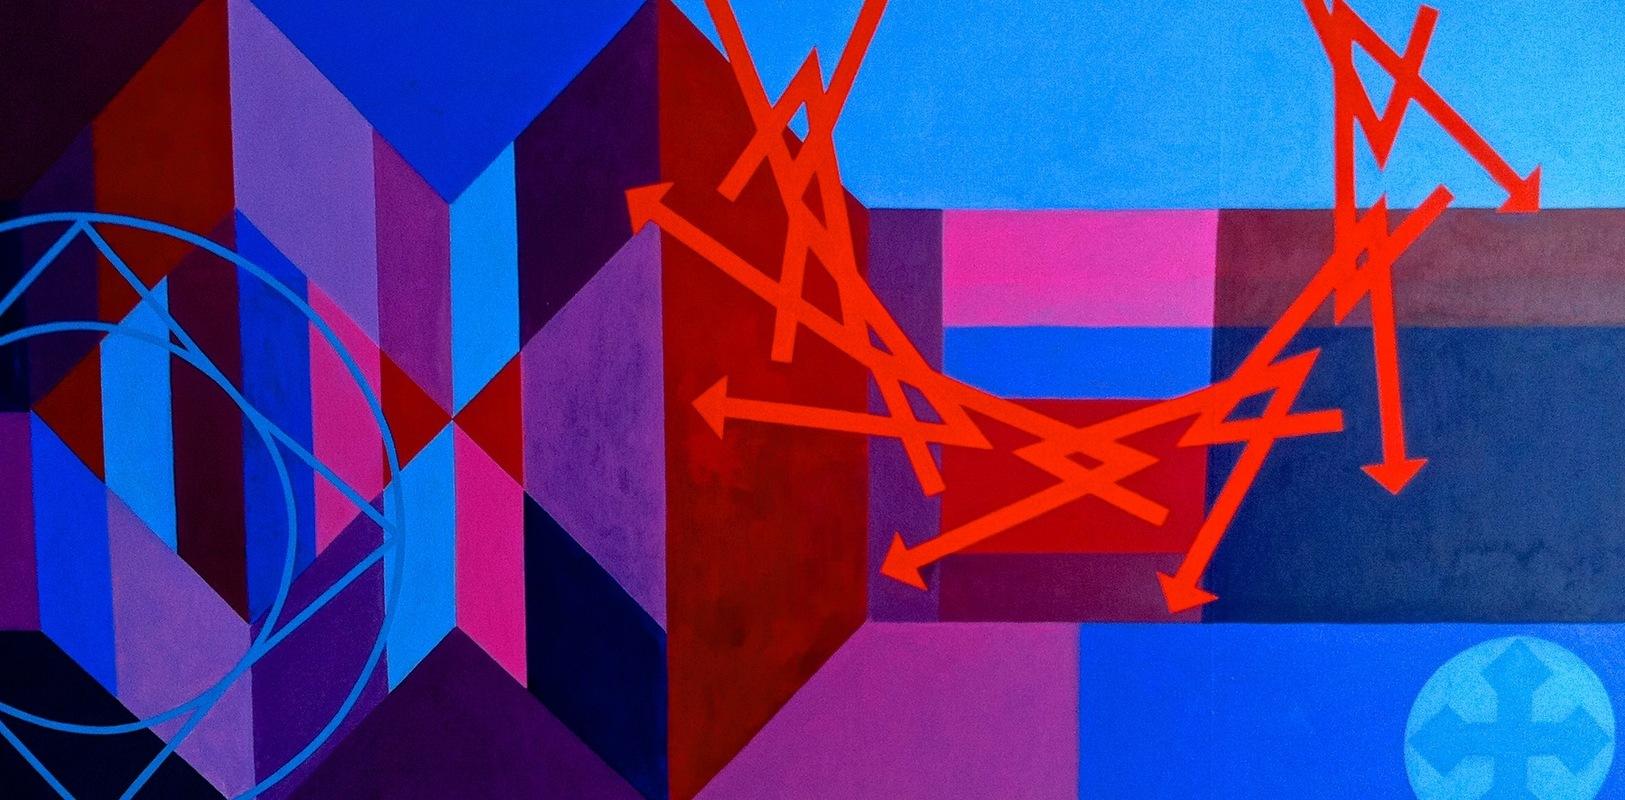 Cristan van Emden - zt, acryl op katoen 55 x 125, 2001